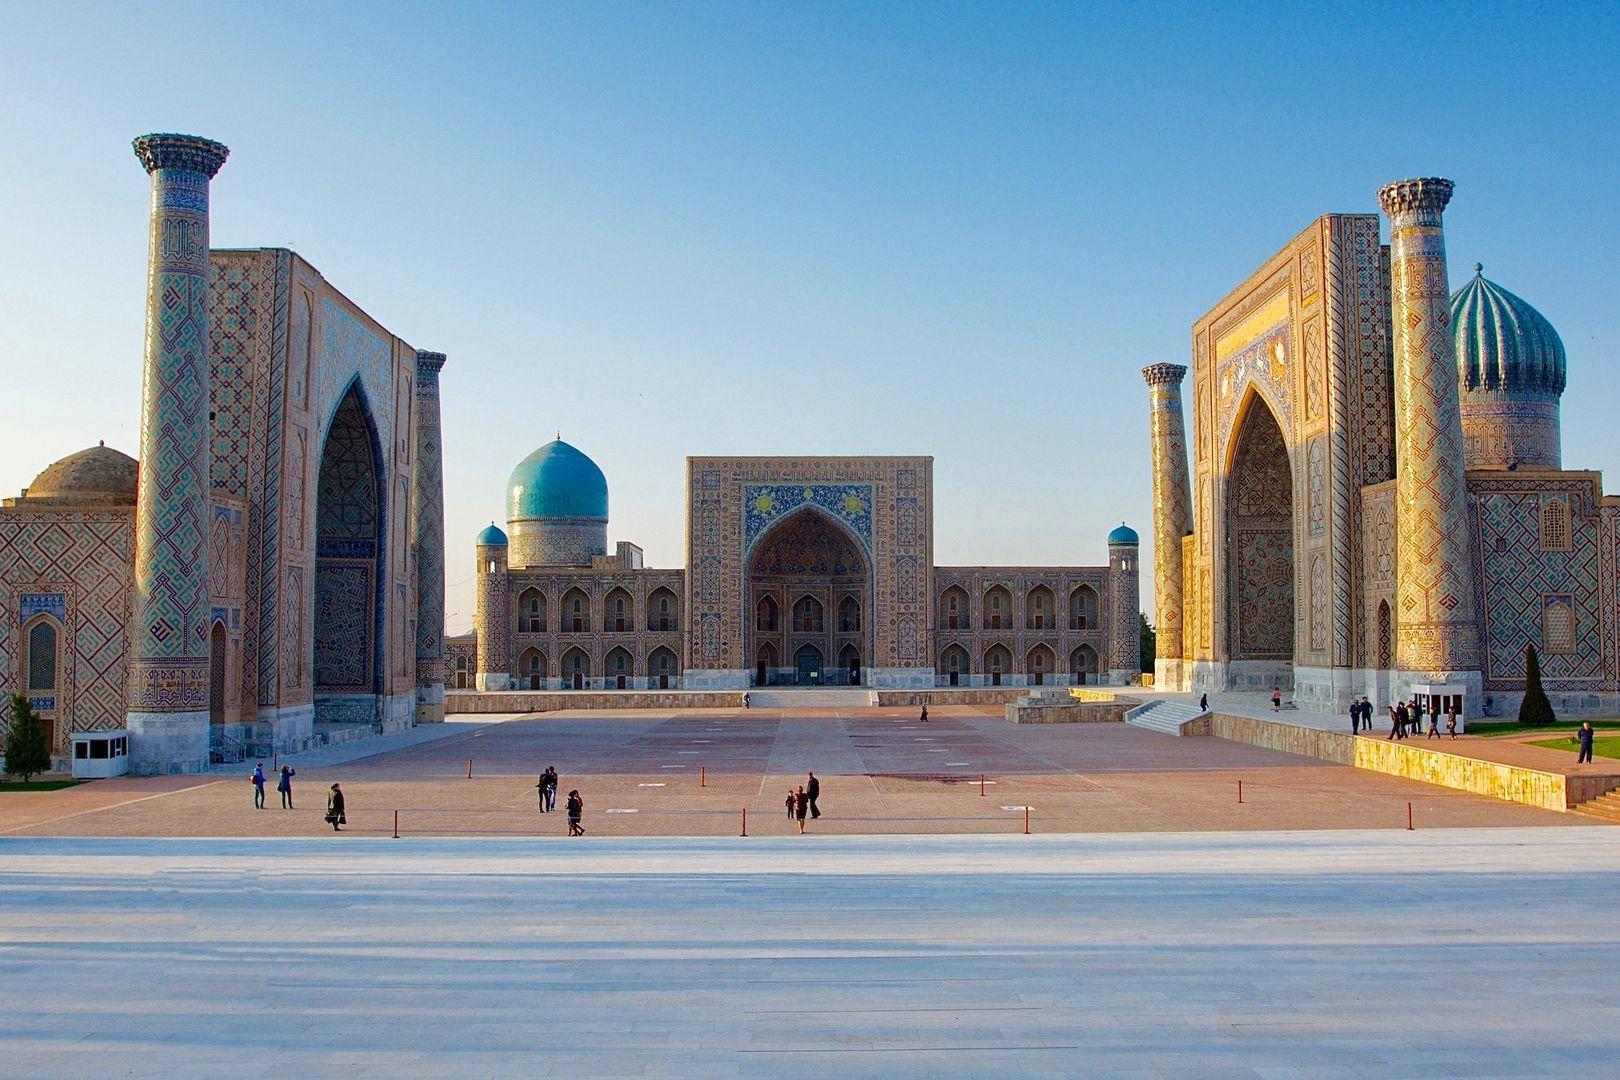 Samarkand - Registan Square